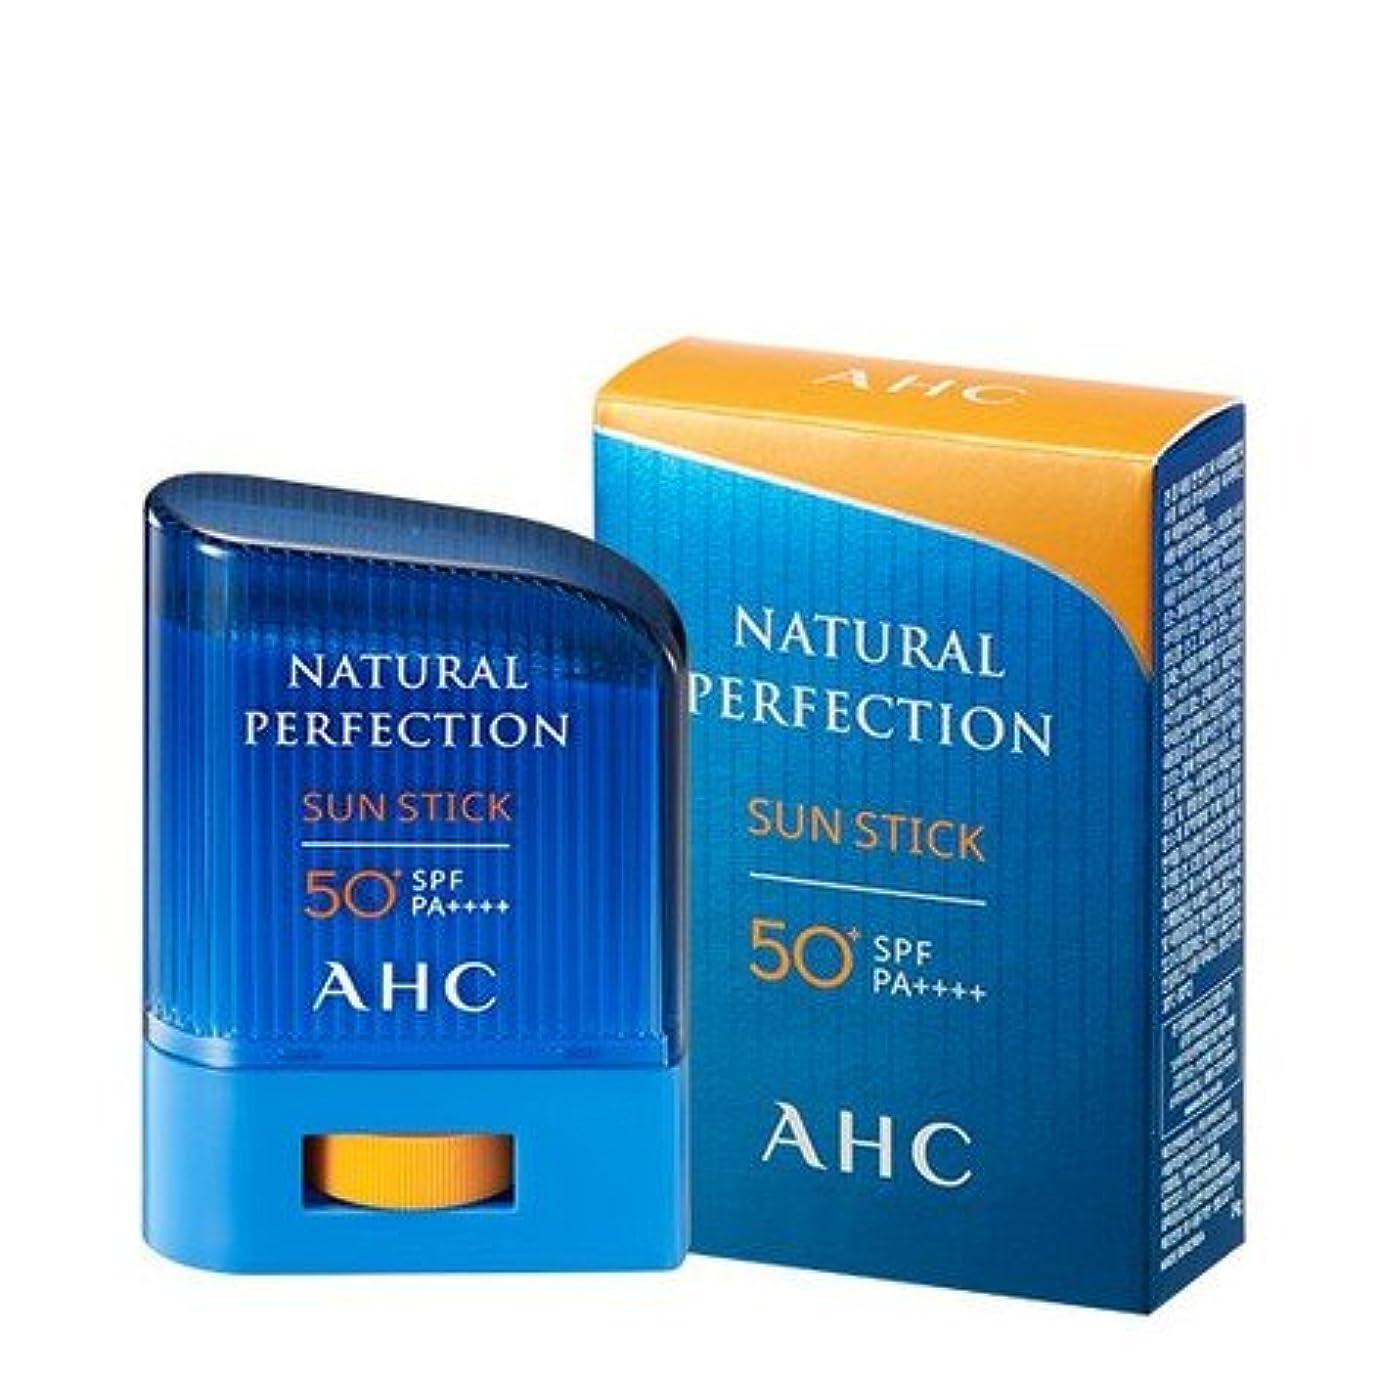 ソフィーカプラー不完全[Renewal 最新] AHCナチュラルパーフェクション線スティック / AHC NATURAL PERFECTION SUN STICK [SPF 50+ / PA ++++] [並行輸入品] (22g)